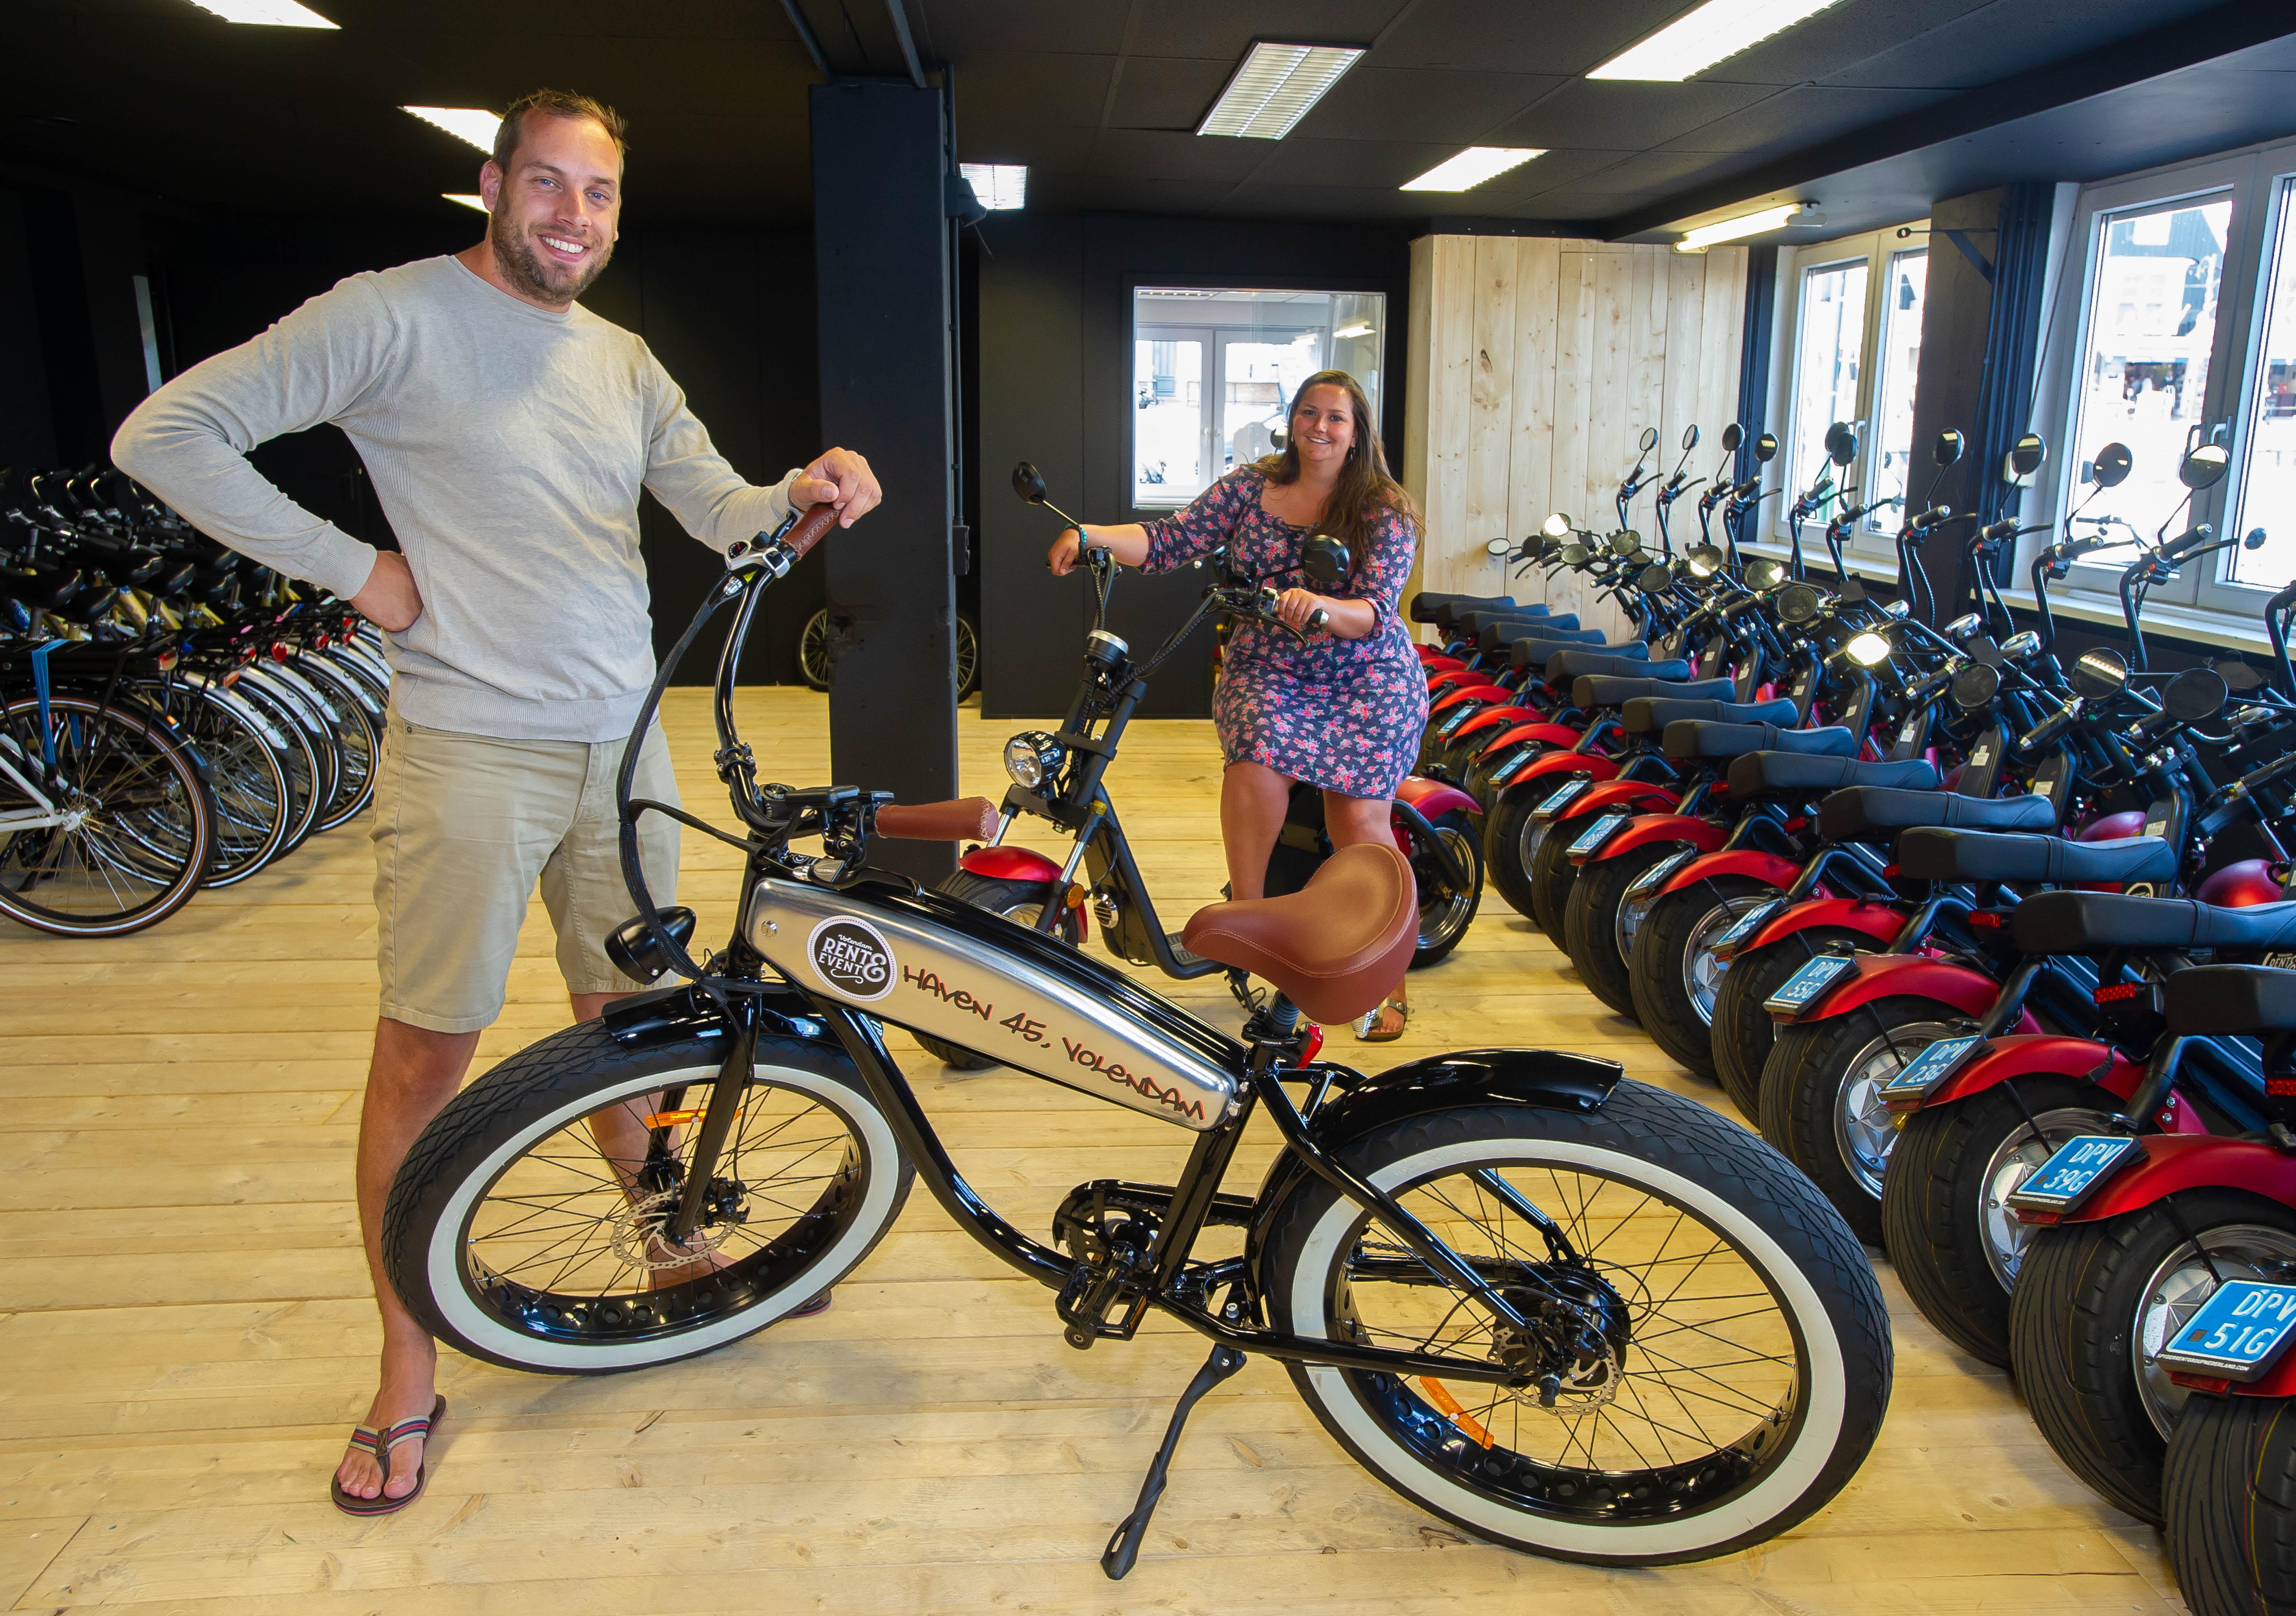 Rent & Event in Volendam ziet lucratieve deals in rook opgaan, maar helpt ondernemers in wijde omtrek met gratis scooters en roept op: 'Bezoek normale winkels en vier vakantie in eigen land'